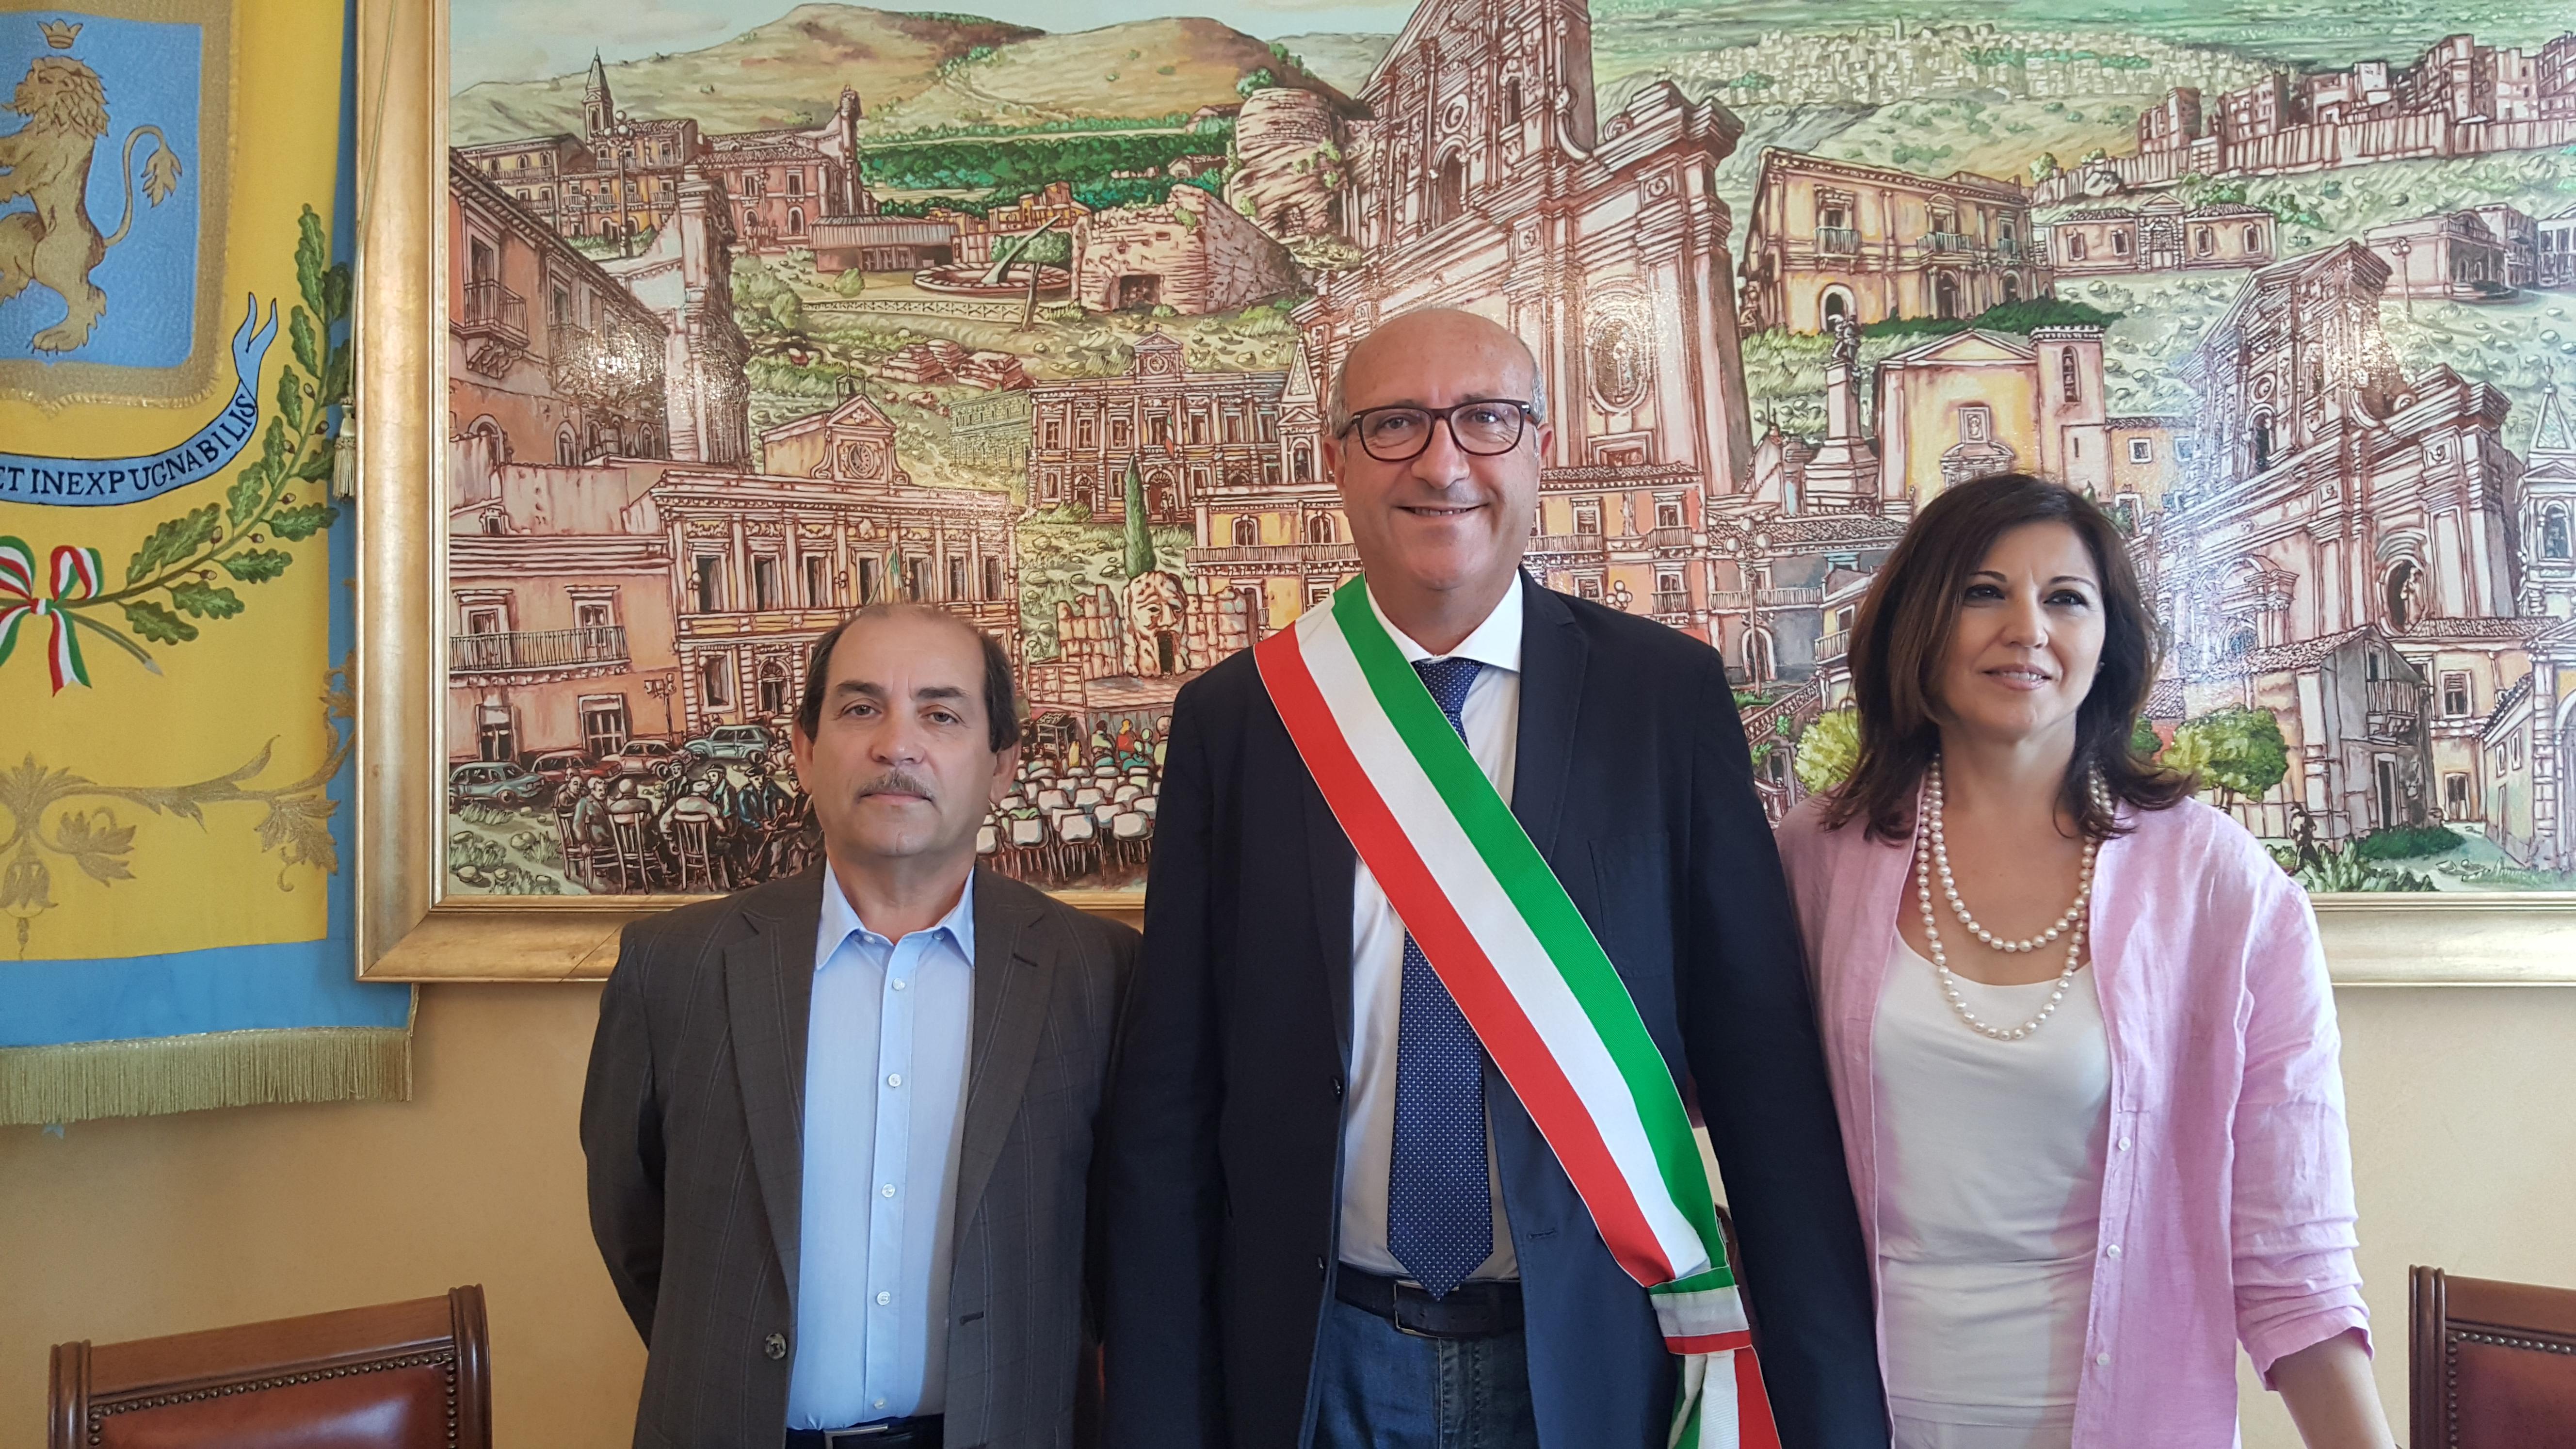 Carlentini, il neo sindaco Giuseppe Stefio assegna le prime deleghe a Marangia e Lipari. la giunta verrà completata dopo la proclamazione dei consiglieri comunali